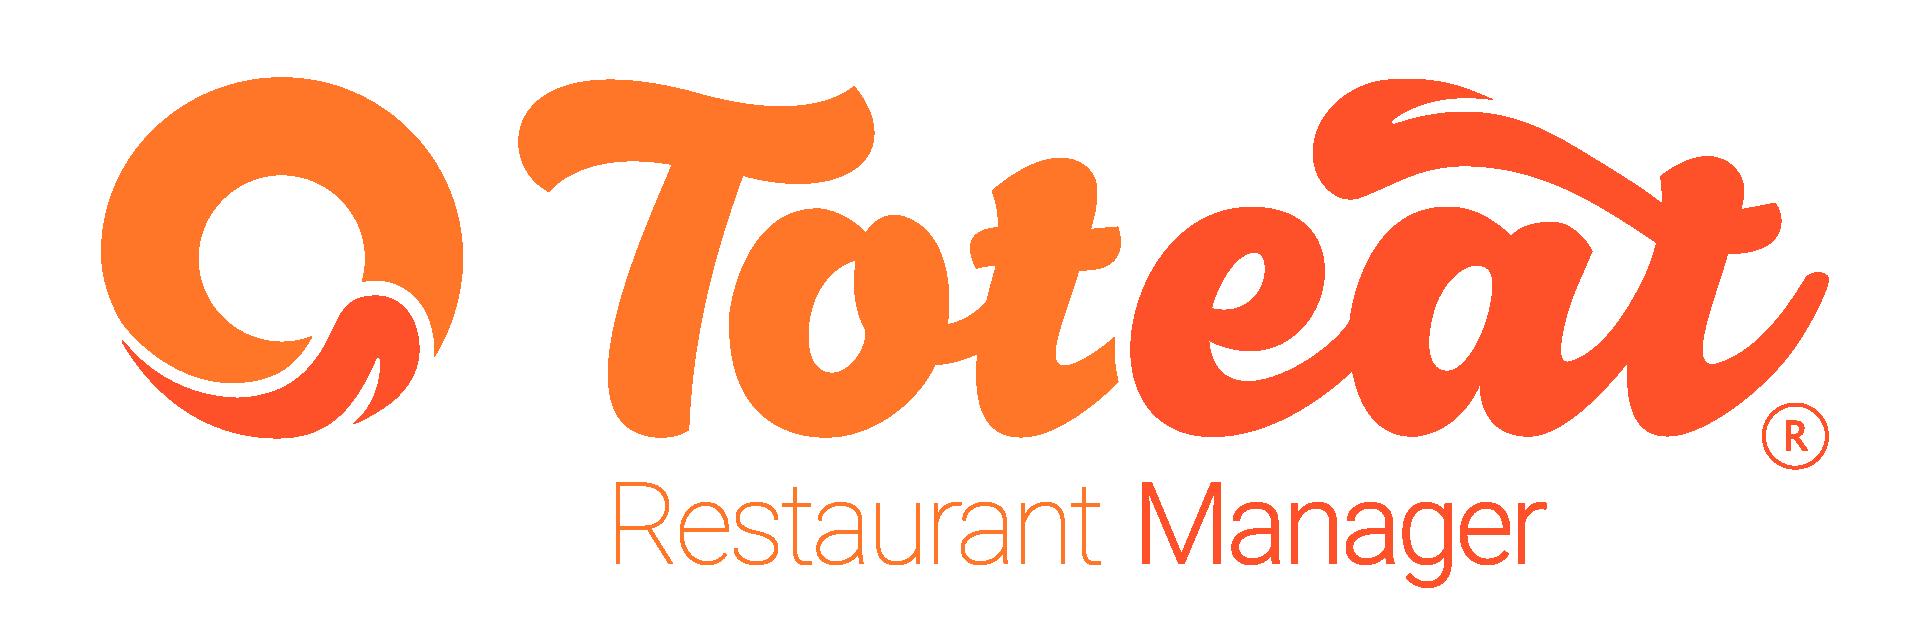 TOTEAT_LOGO-02